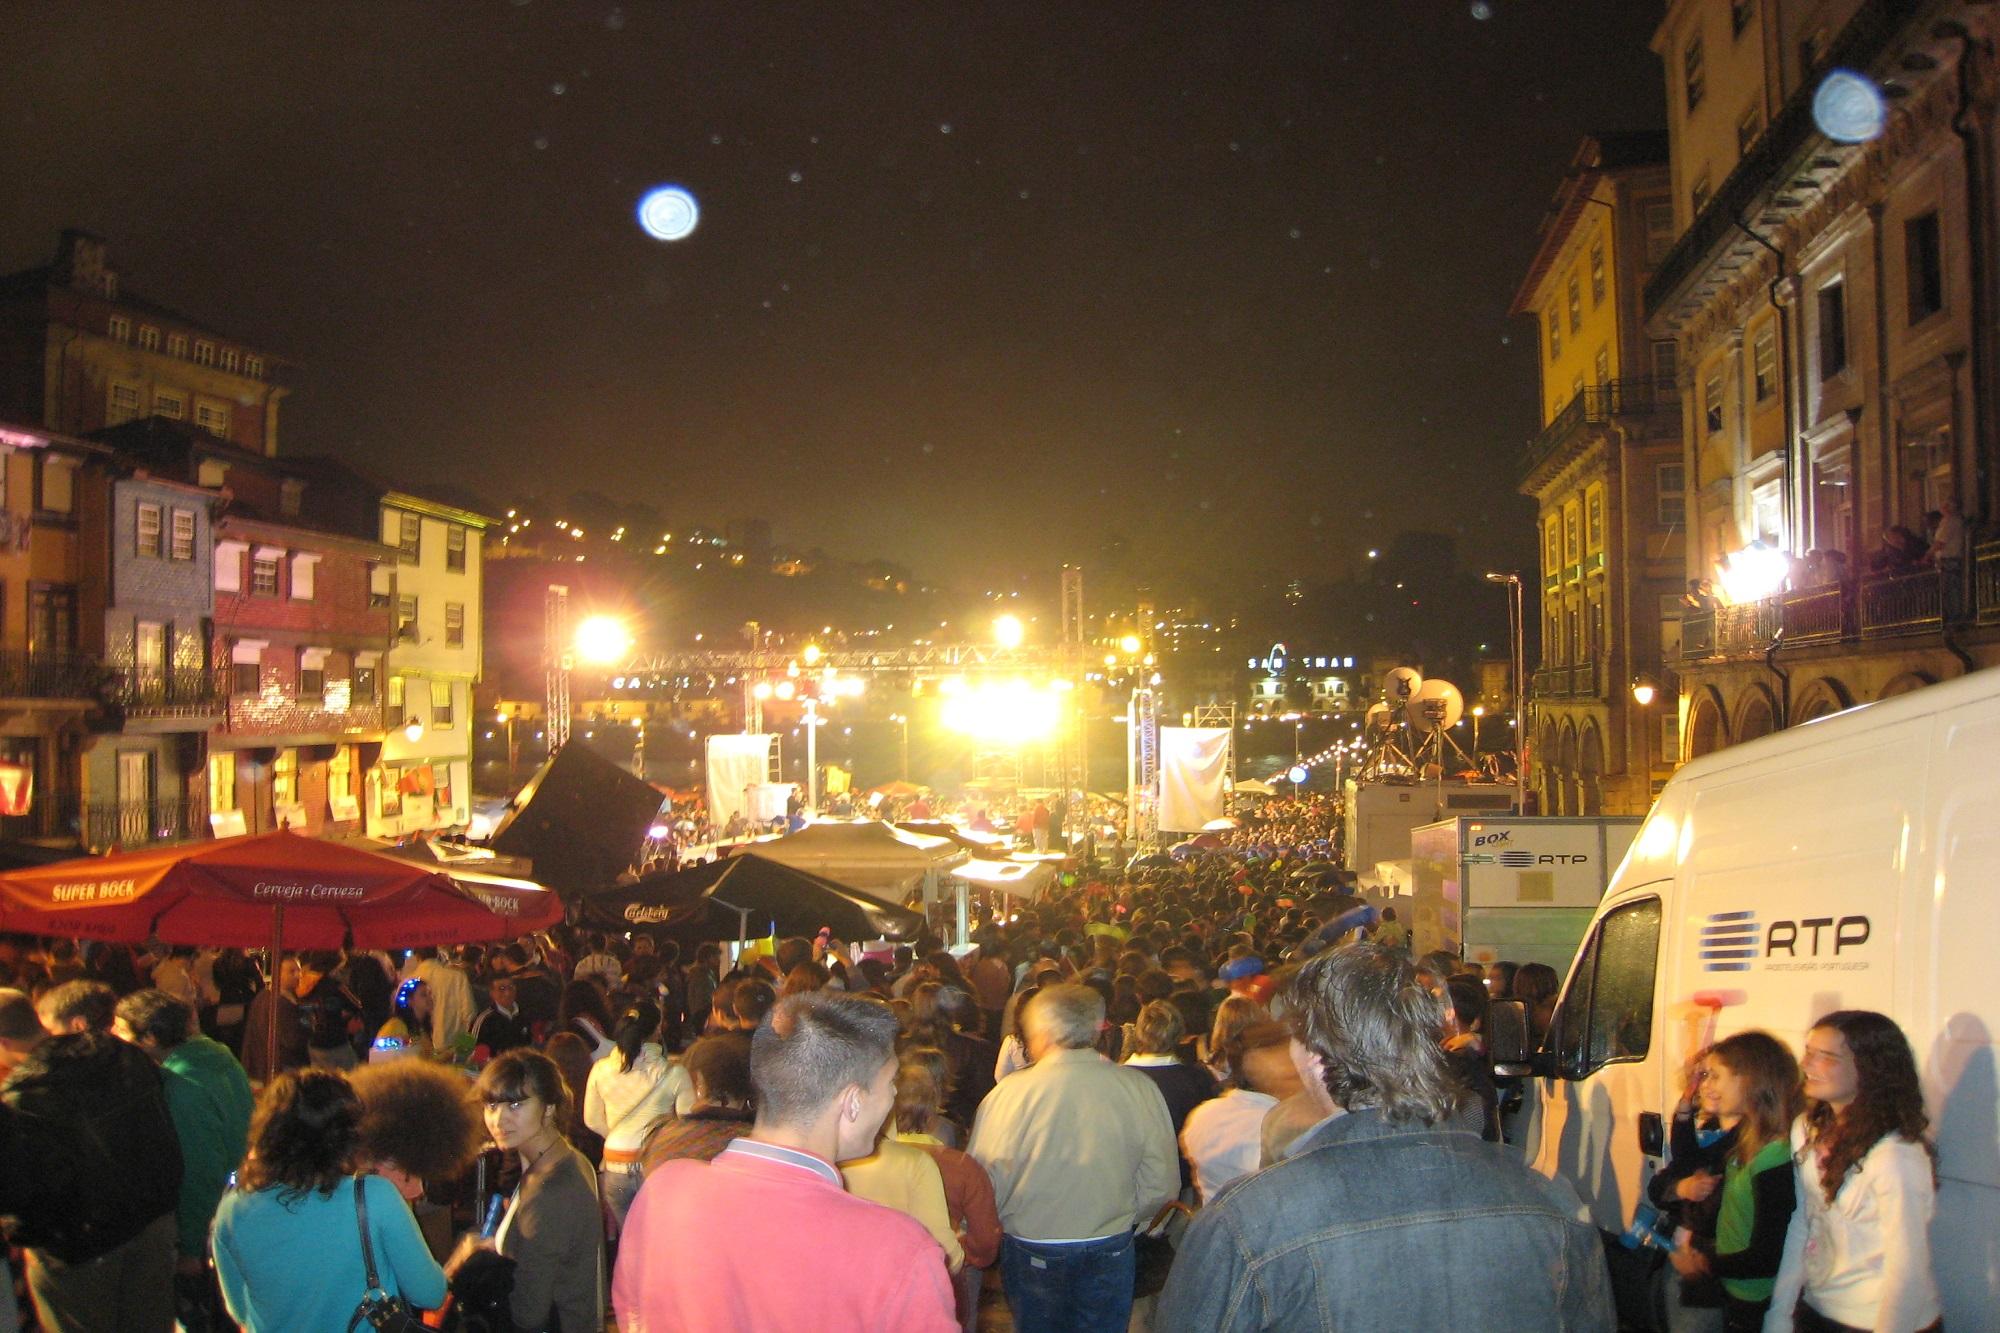 A festa ia acontecer na noite de 23 para 24 de junho.